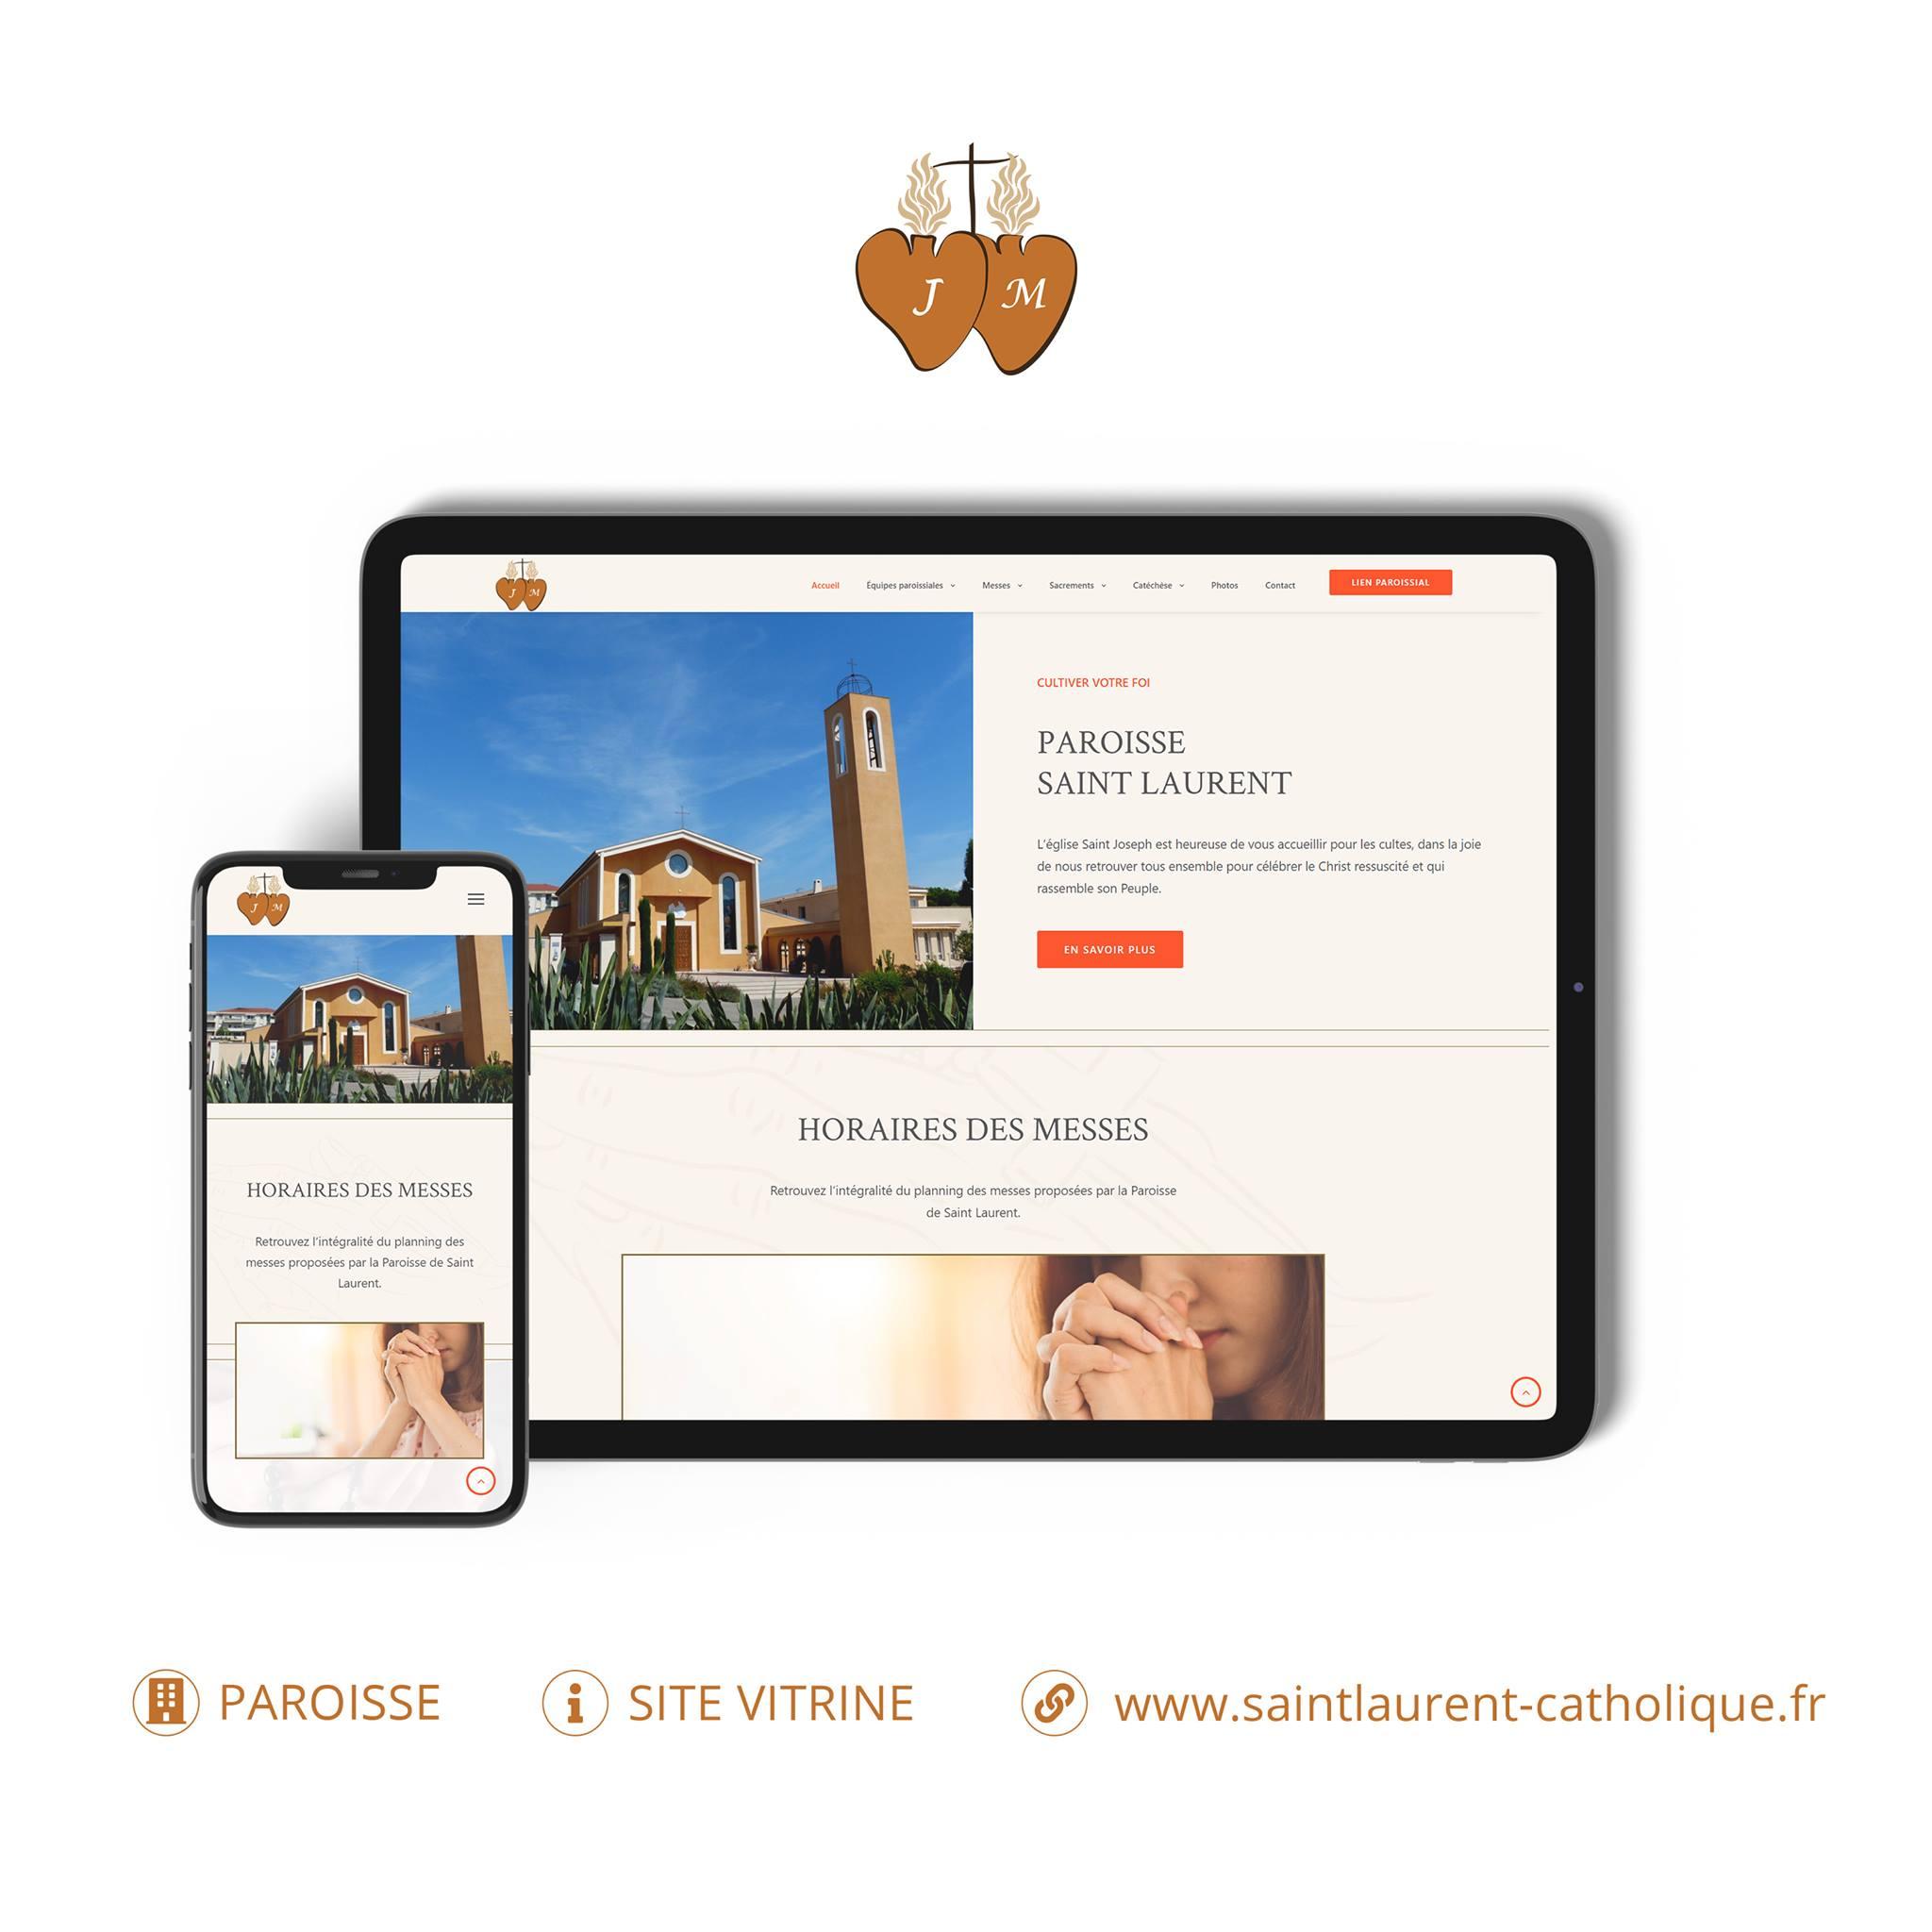 Paroisse saint Laurent site internet monsitelocal.fr